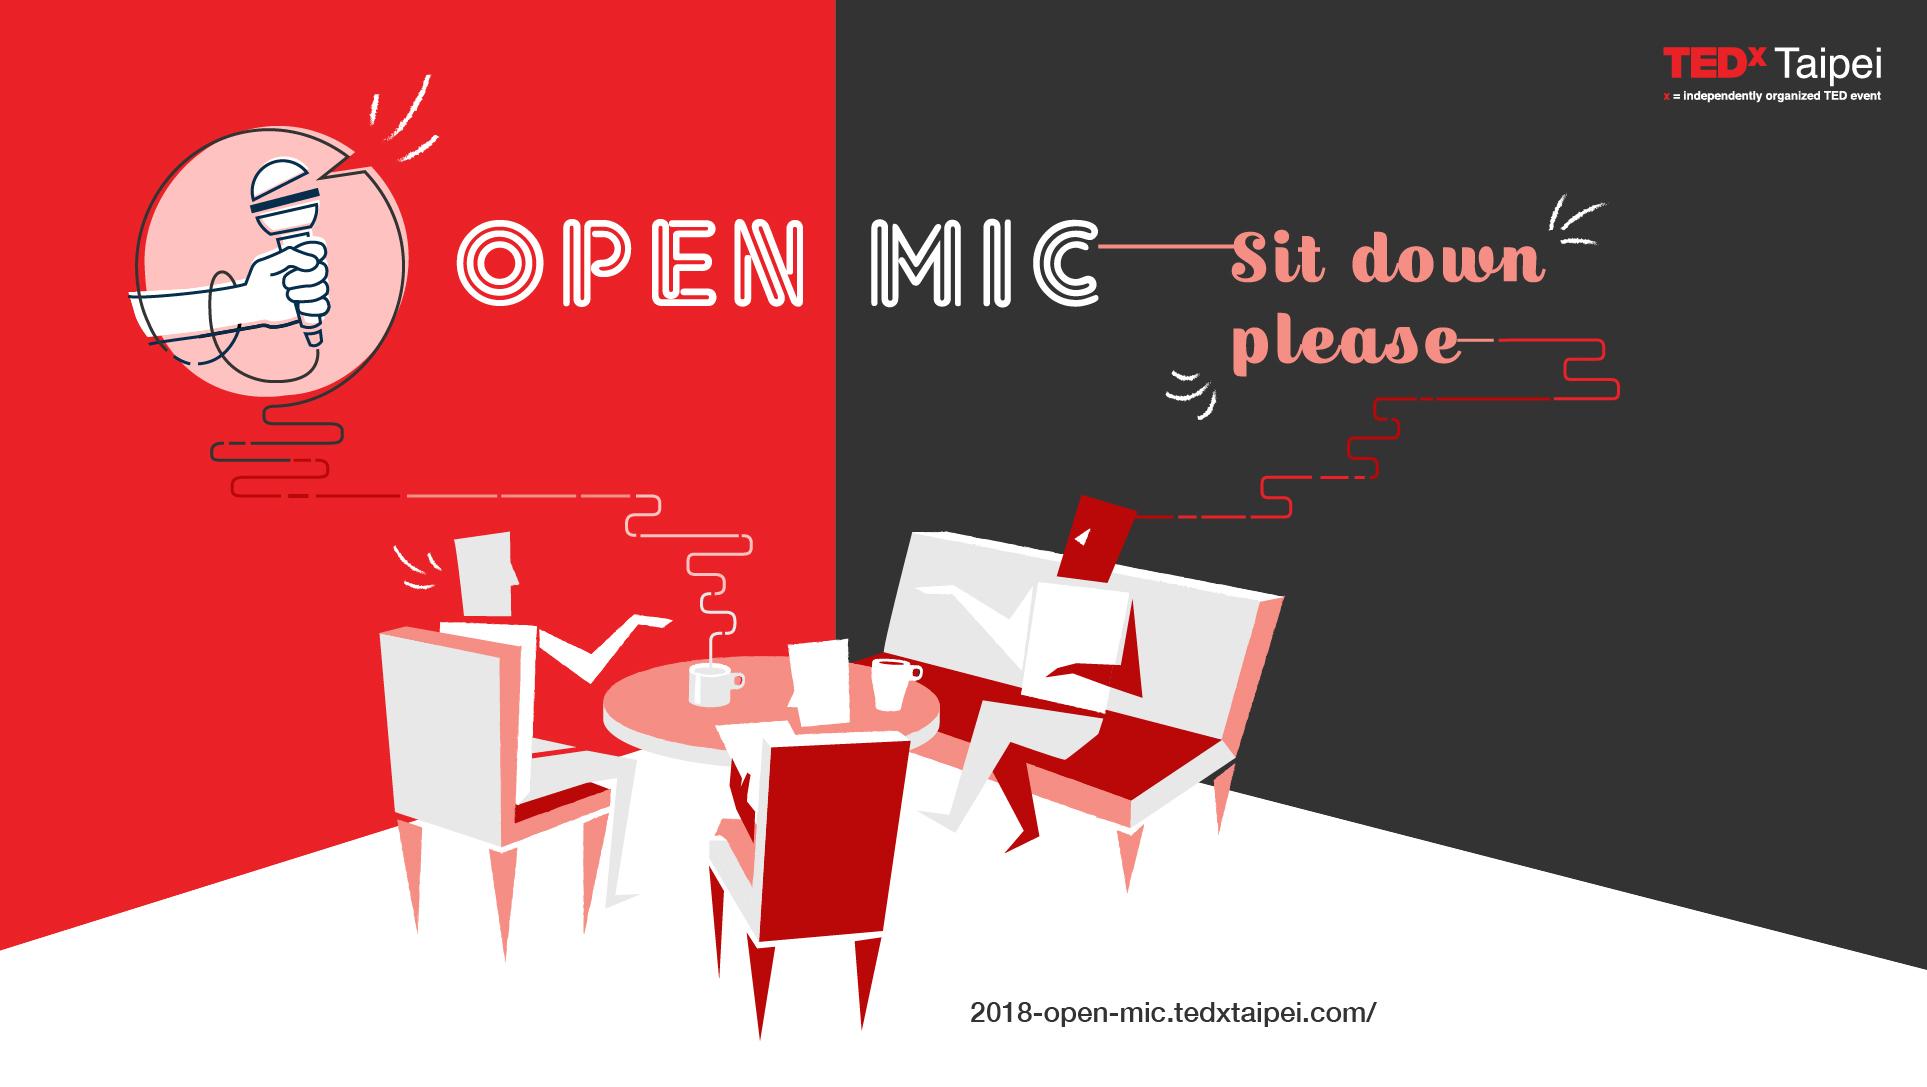 TEDxTaipei 2018 Open Mic